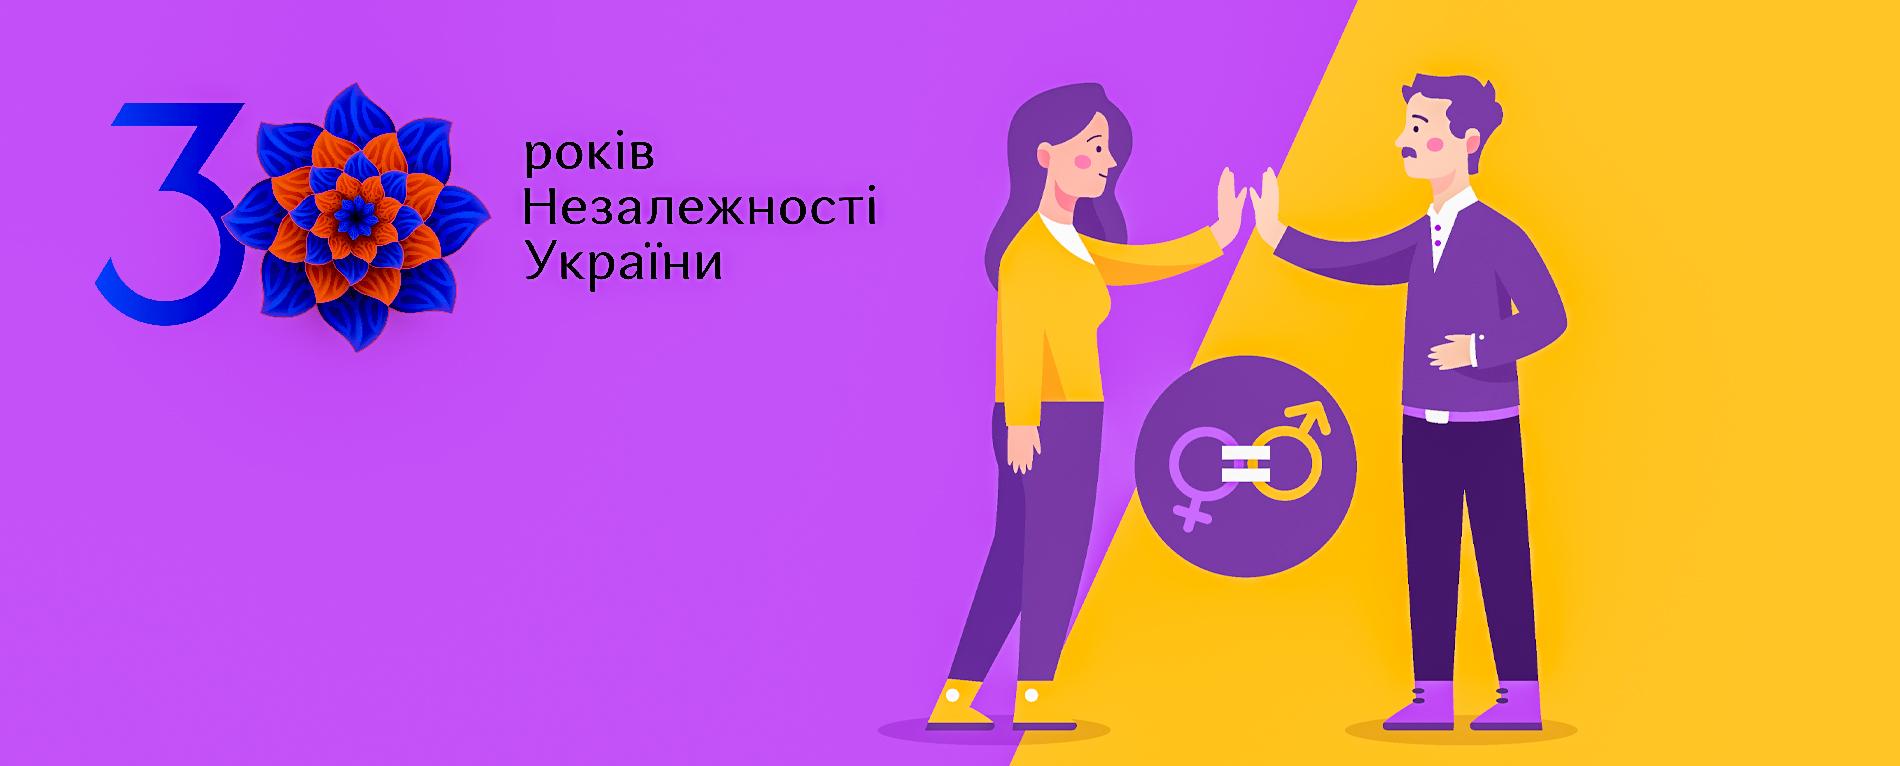 Україна на шляху до гендерної рівності: 30 років-30 кроків